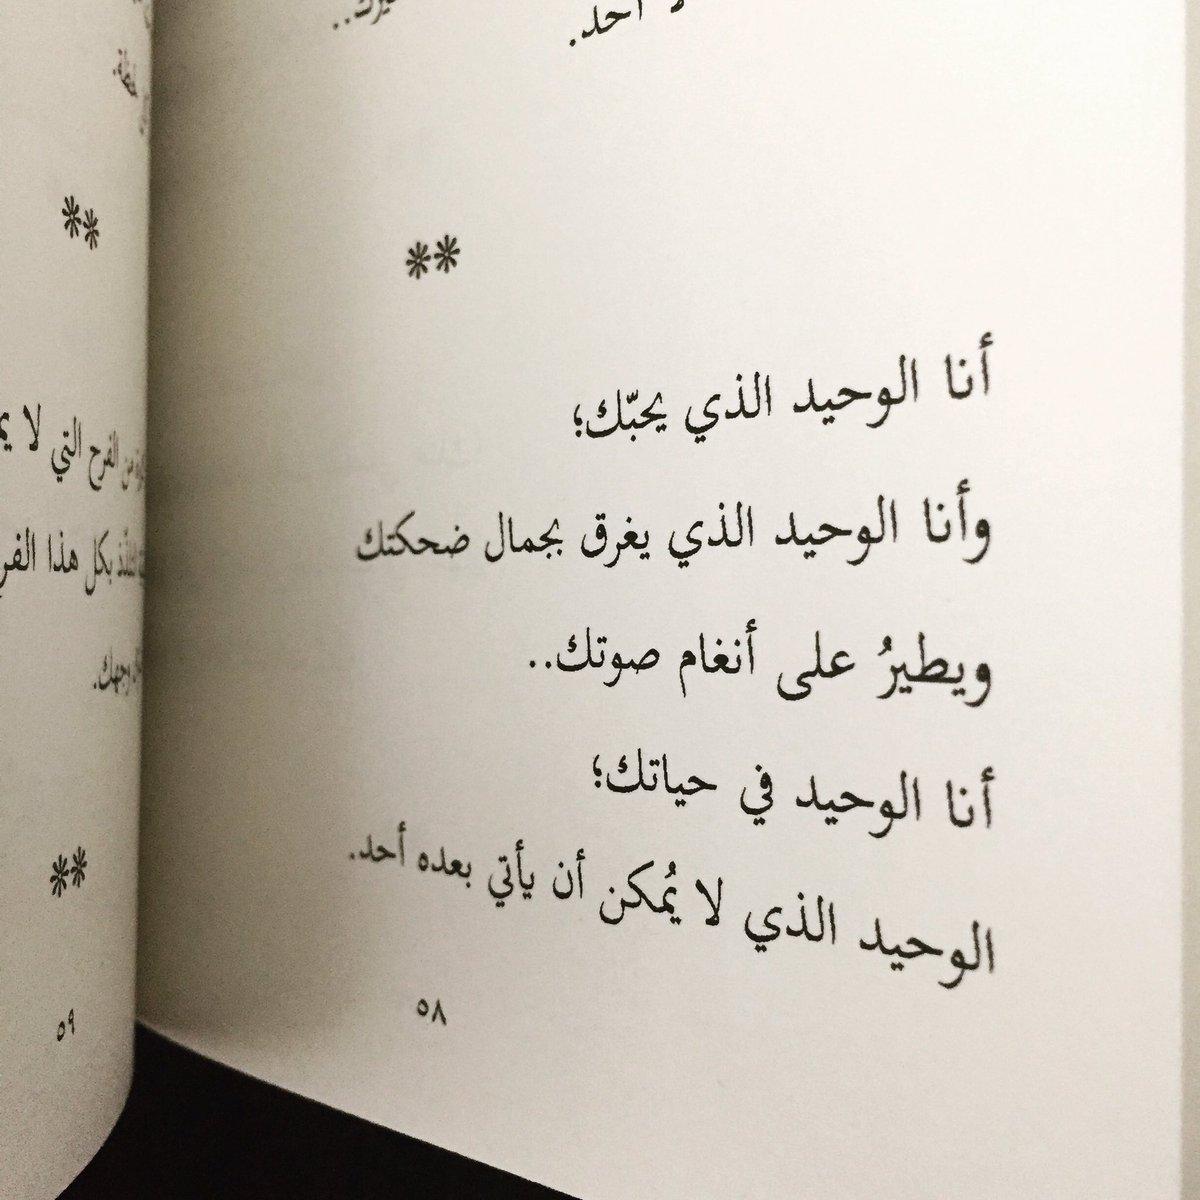 كلمات وعبارات جميلة